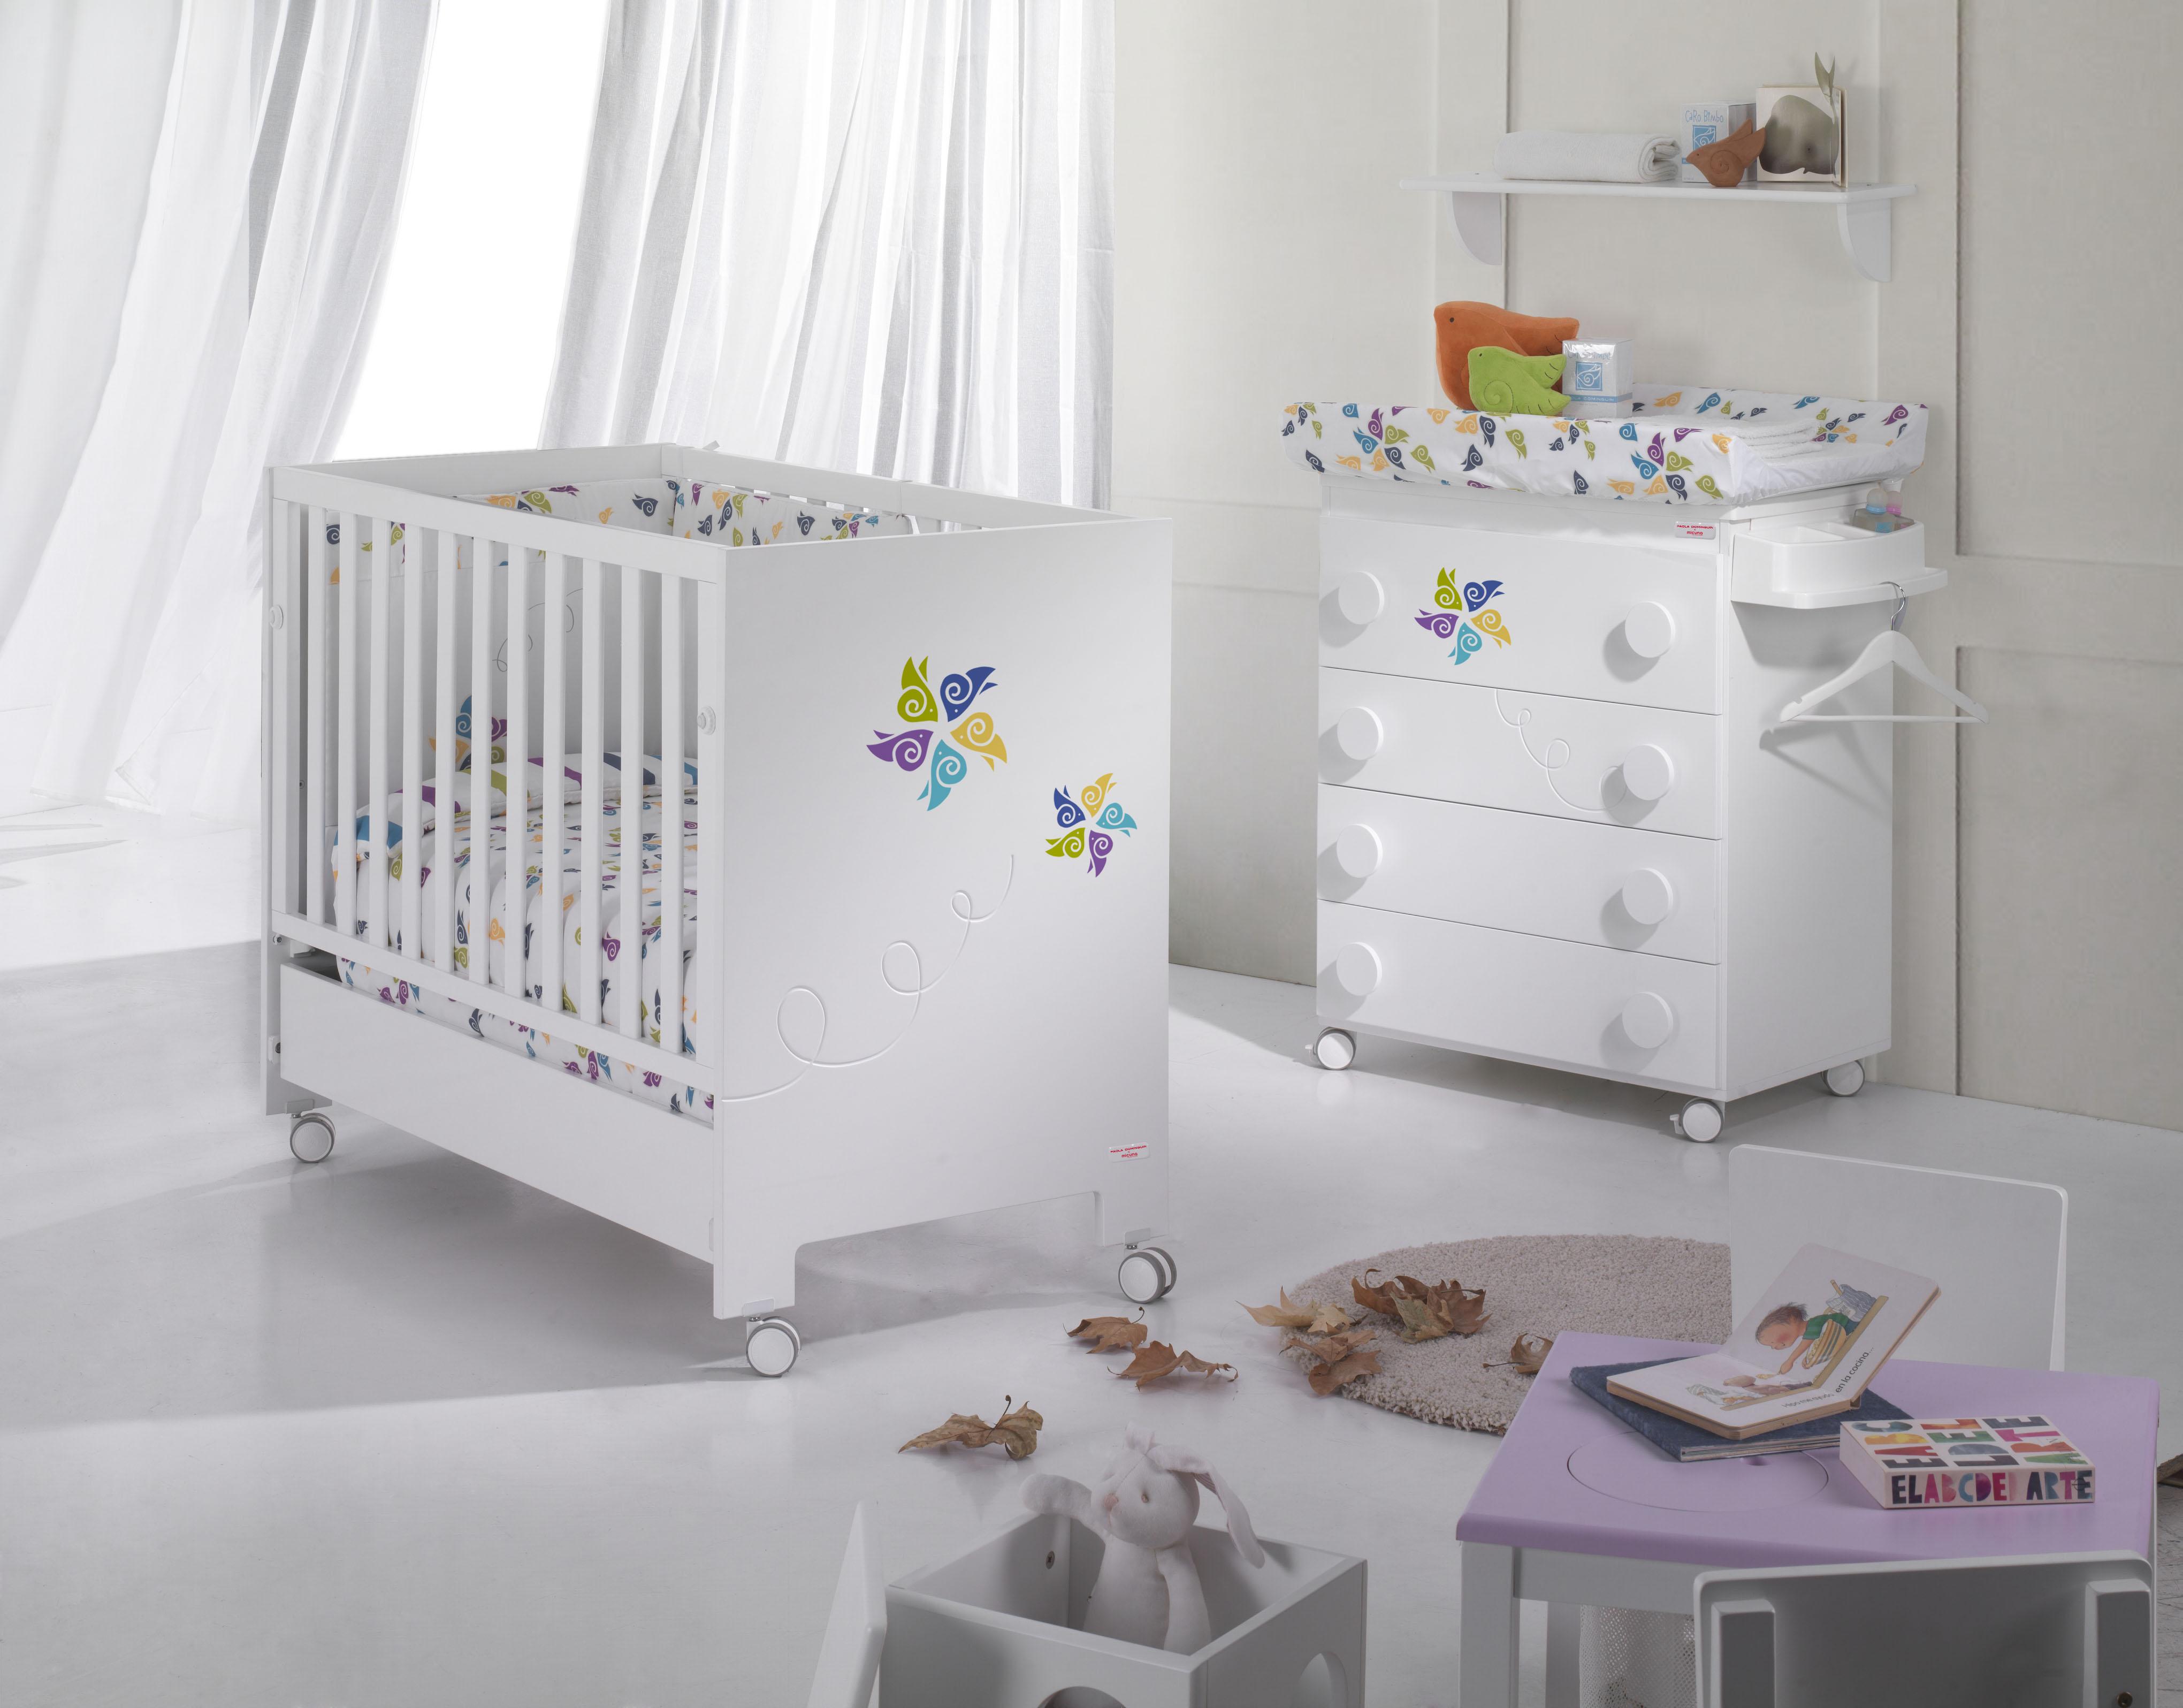 Paola domingu n colabora con micuna en mobiliario infantil for Mobiliario habitacion bebe